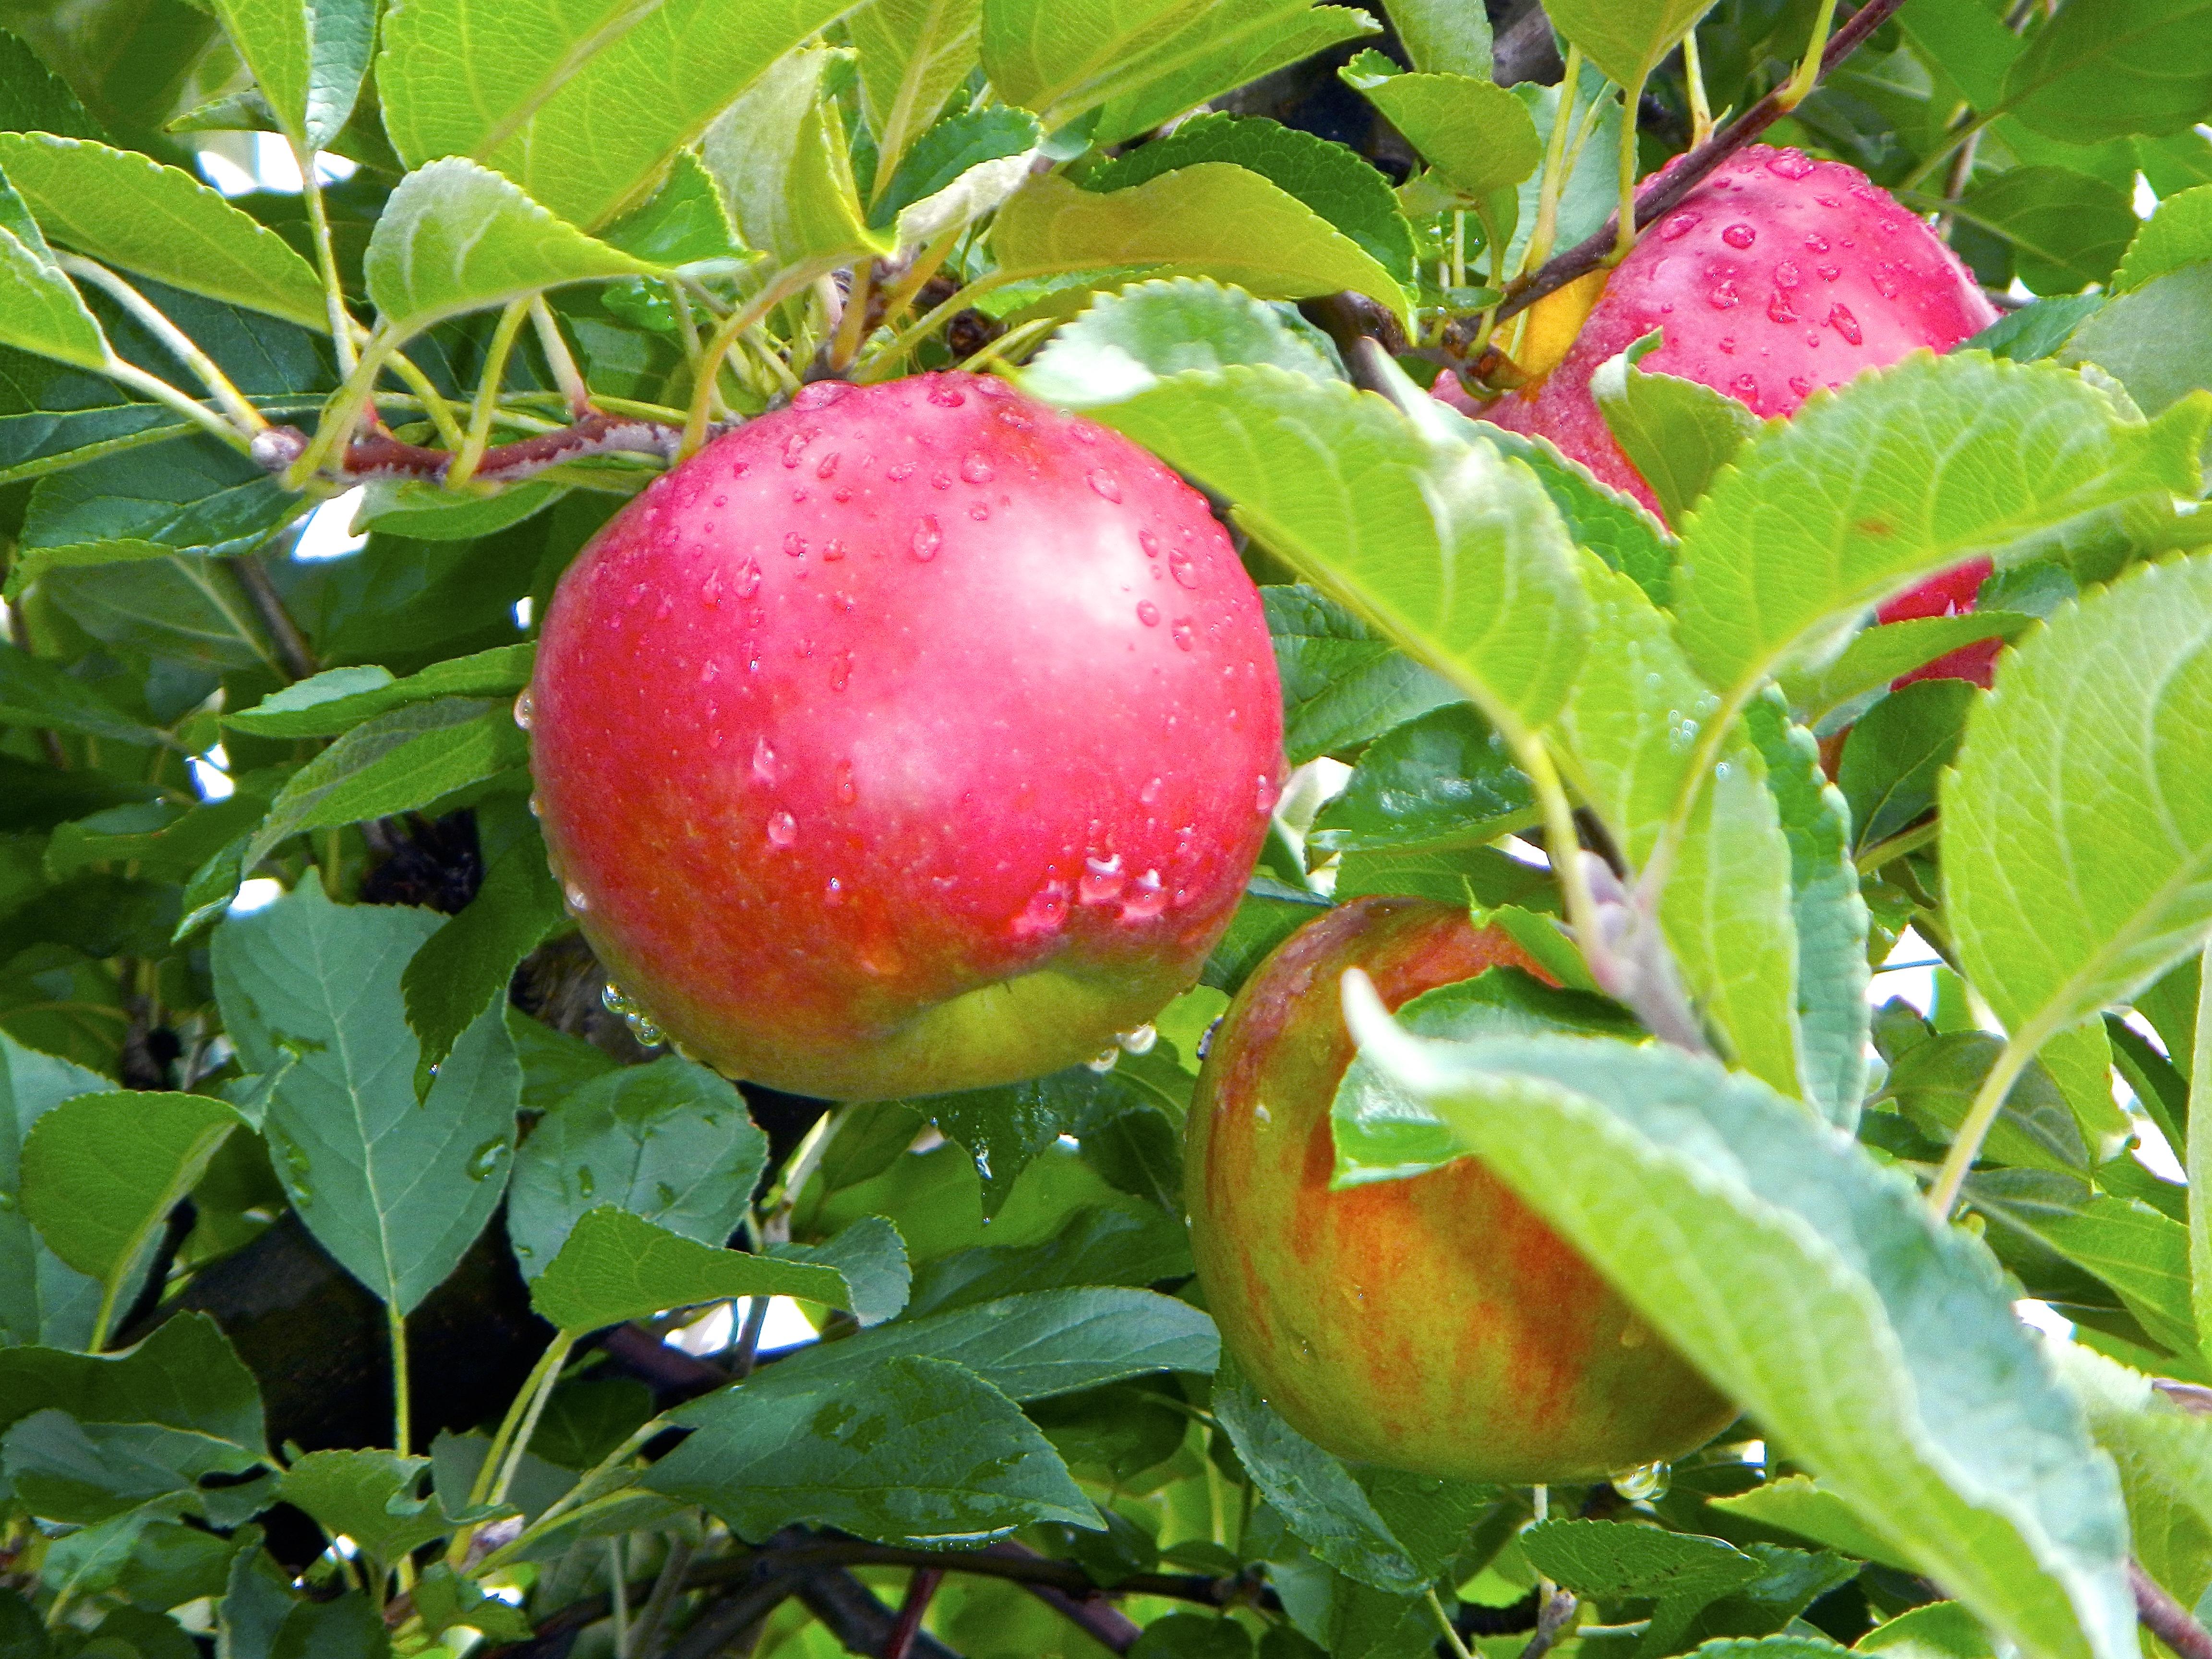 ripe-apples-on-tree-after-rain